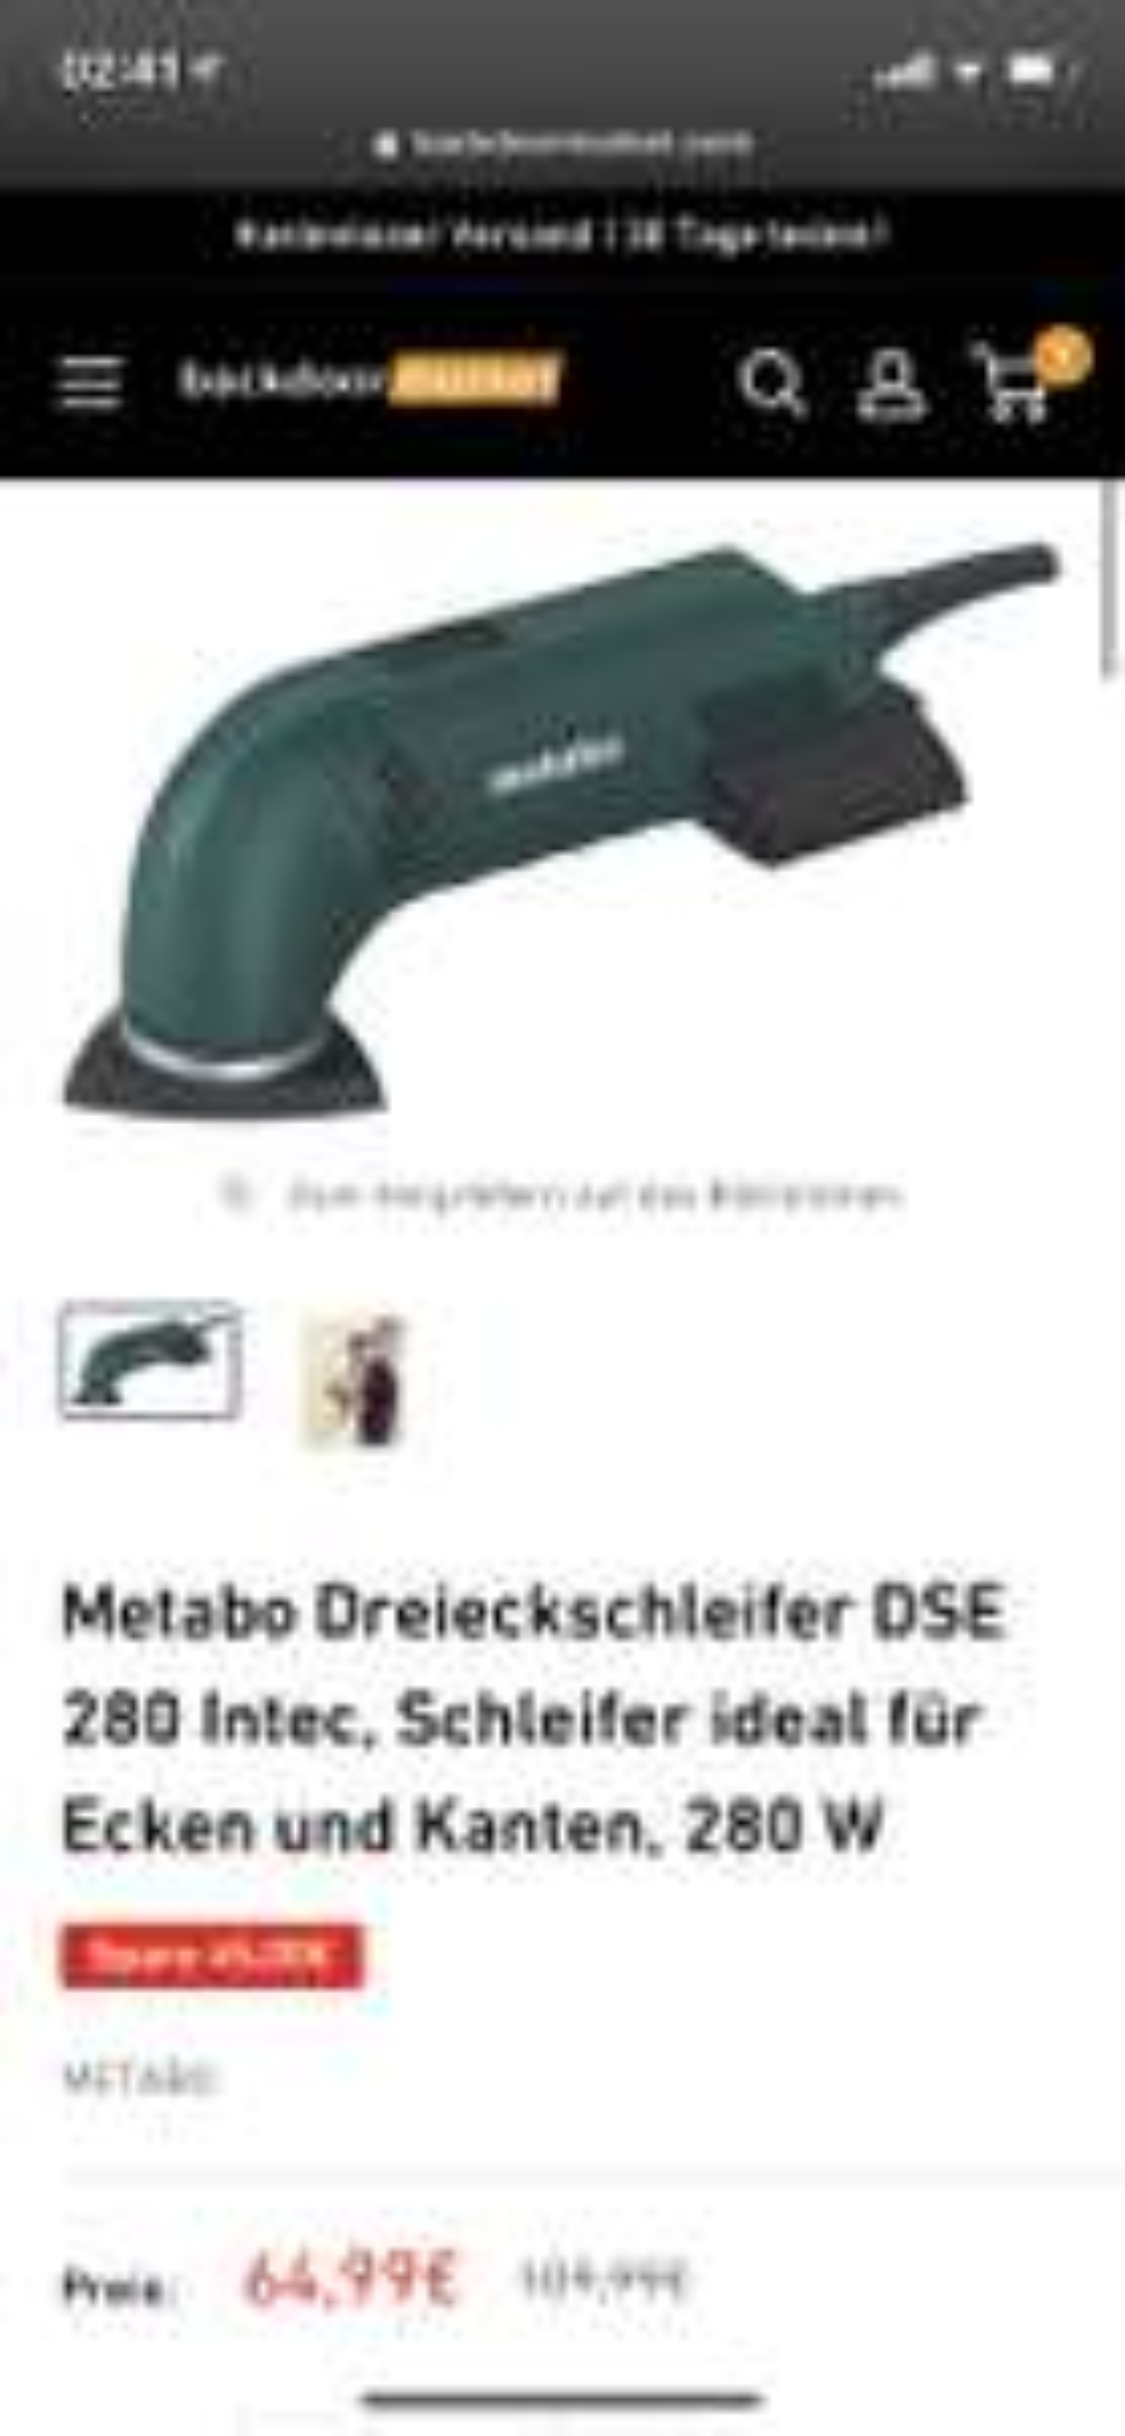 Metabo Dreieckschleifer